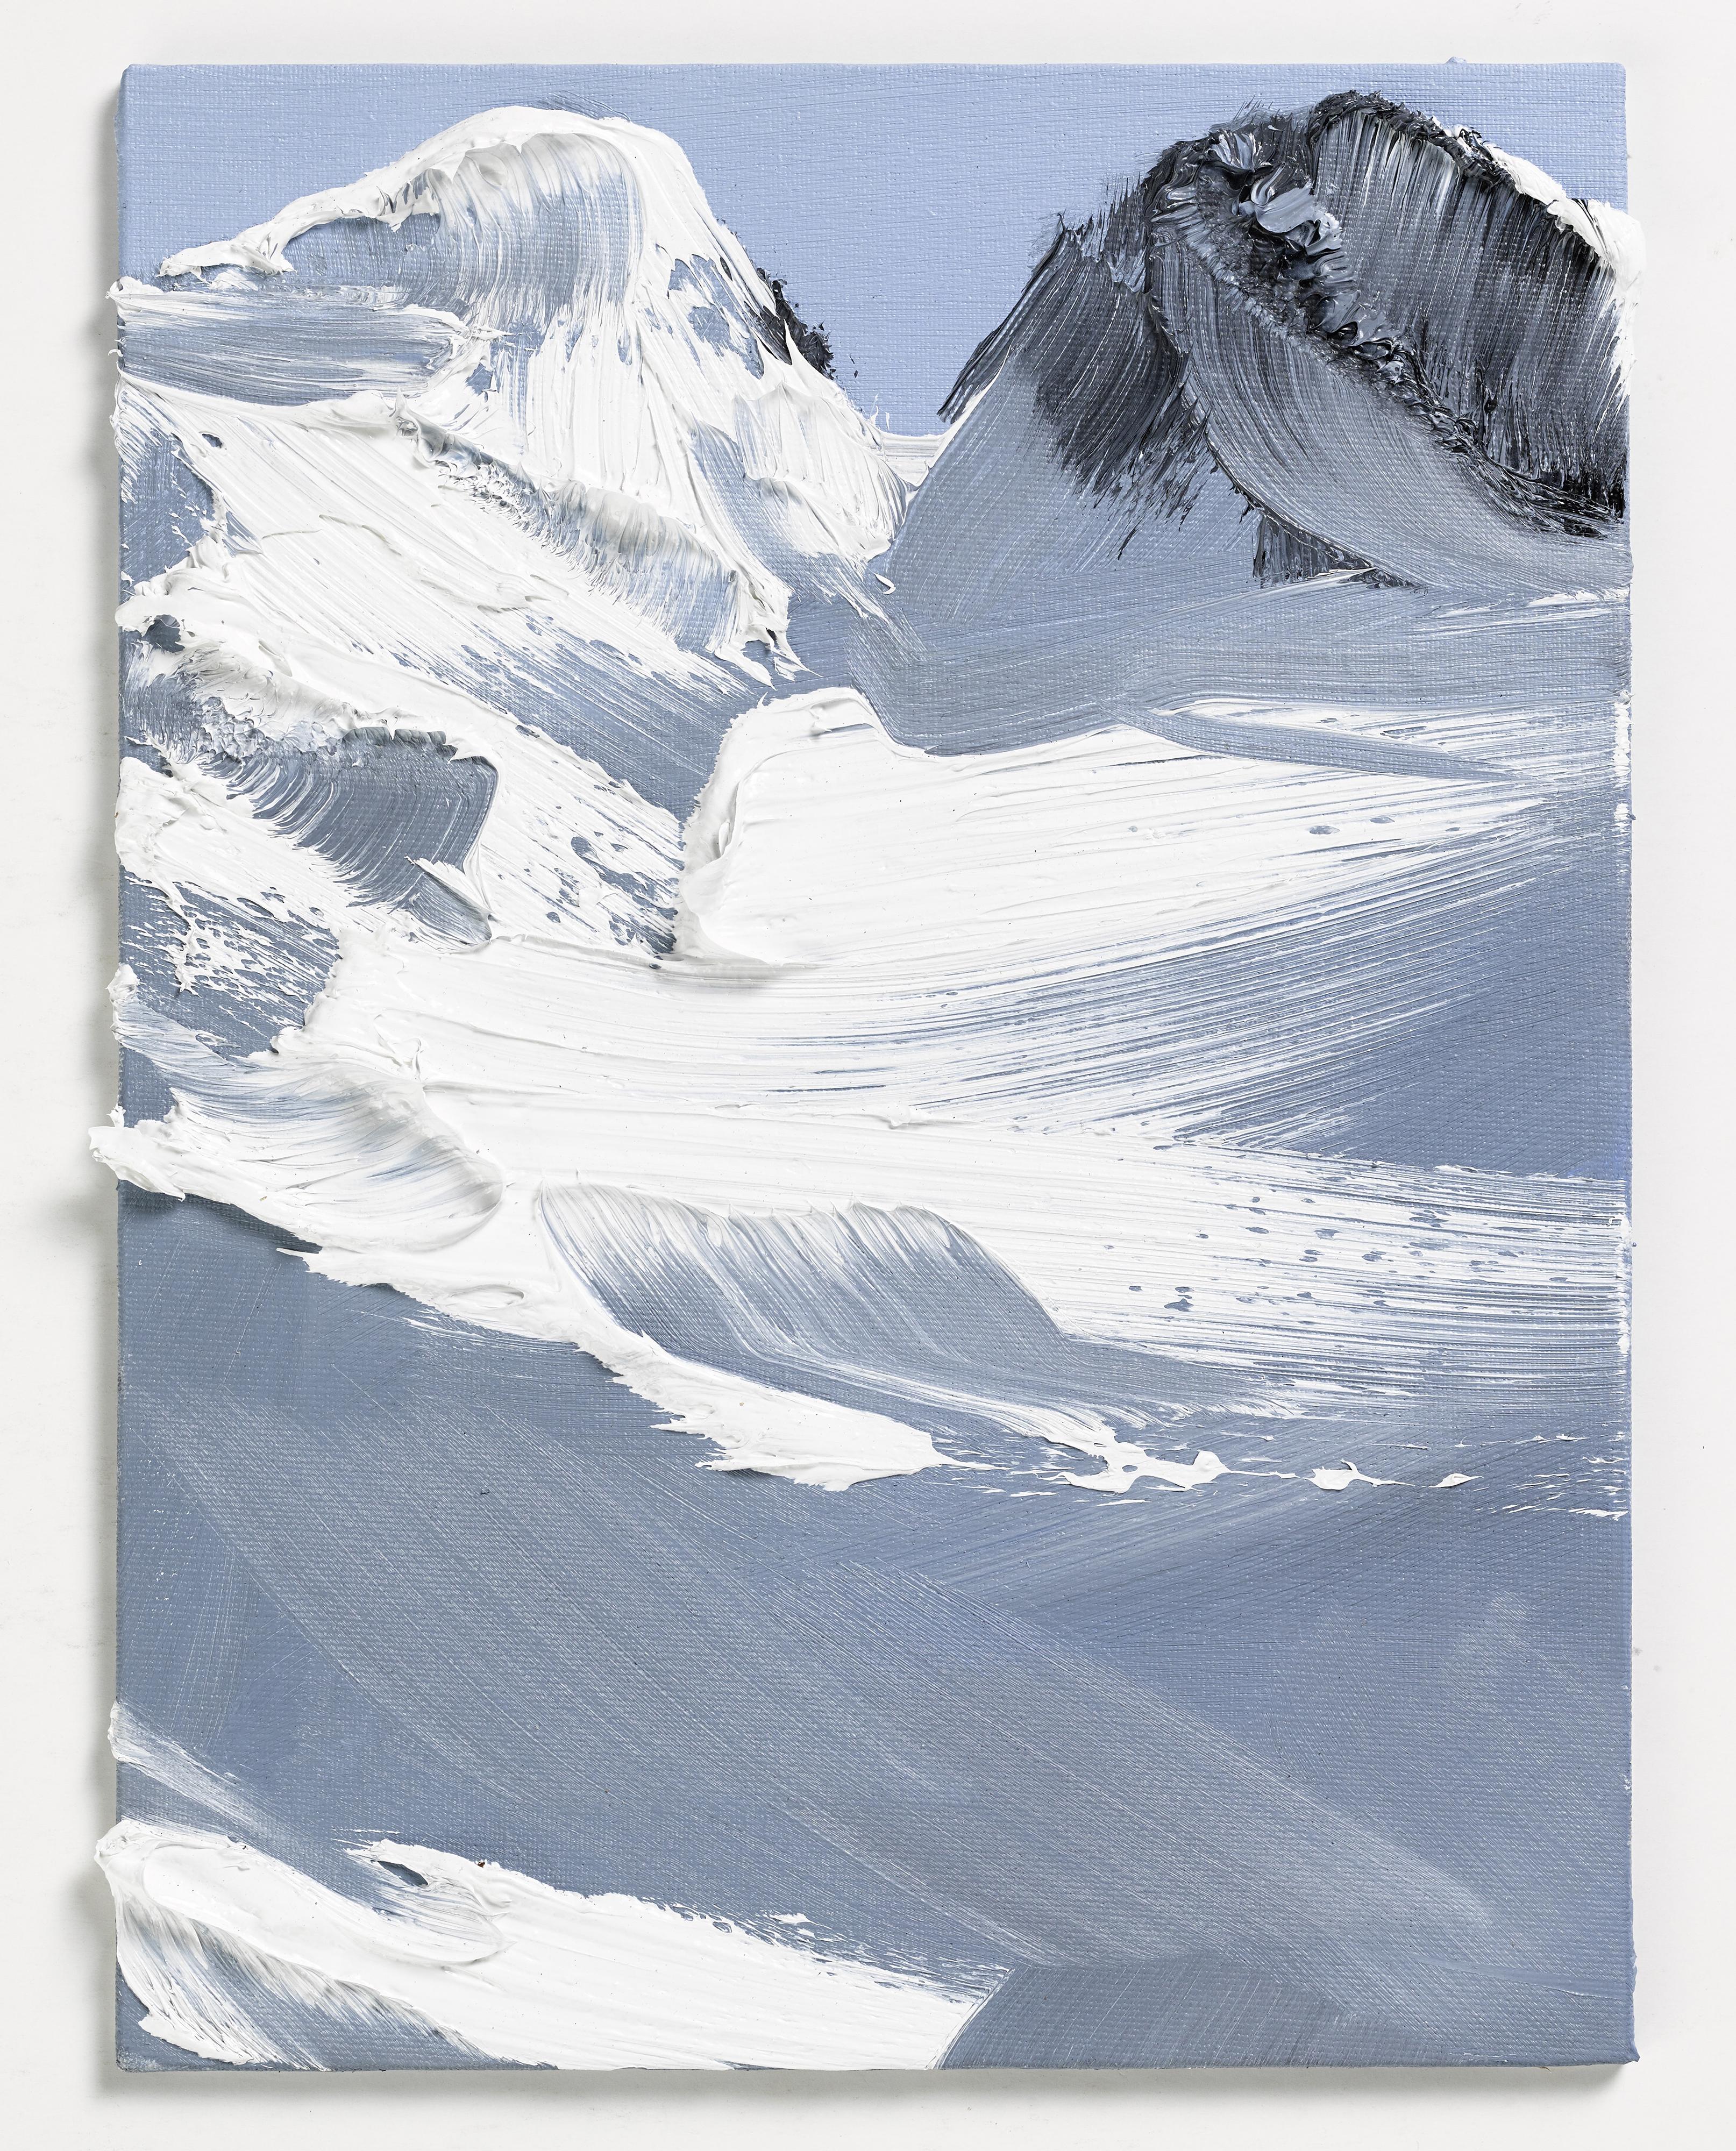 Montagne abstraction pinceau 05 la boite verte - Dessin de chalet de montagne ...